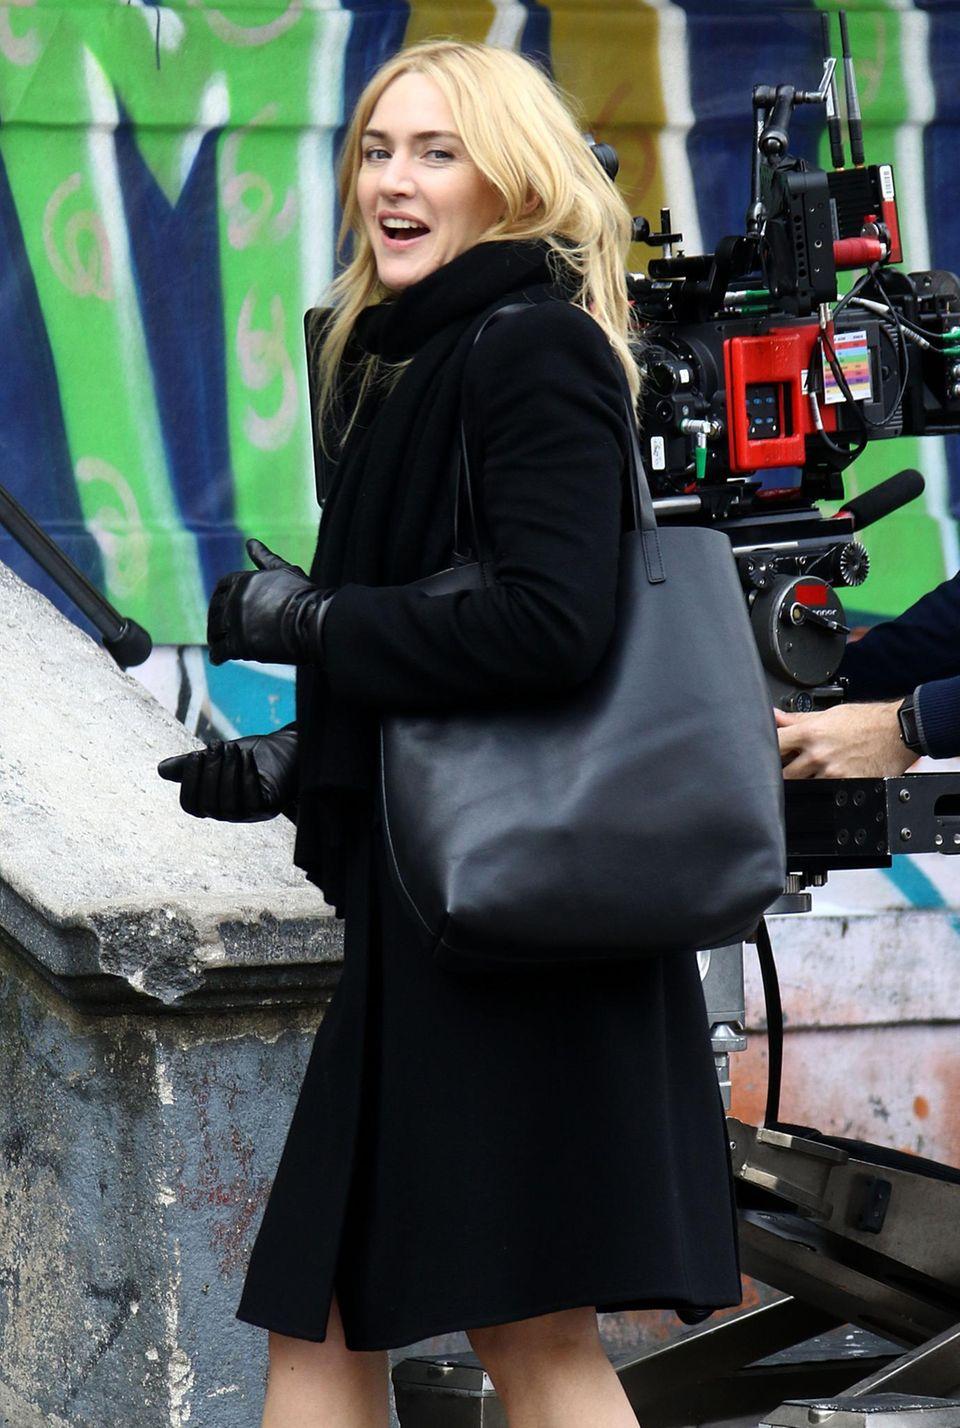 16. März 2016: Die Schauspielerin Kate Winslet dreht in Manhattan Szenen für das Indie-Drama Collateral Beauty, das 2017 in die Kinos kommt.